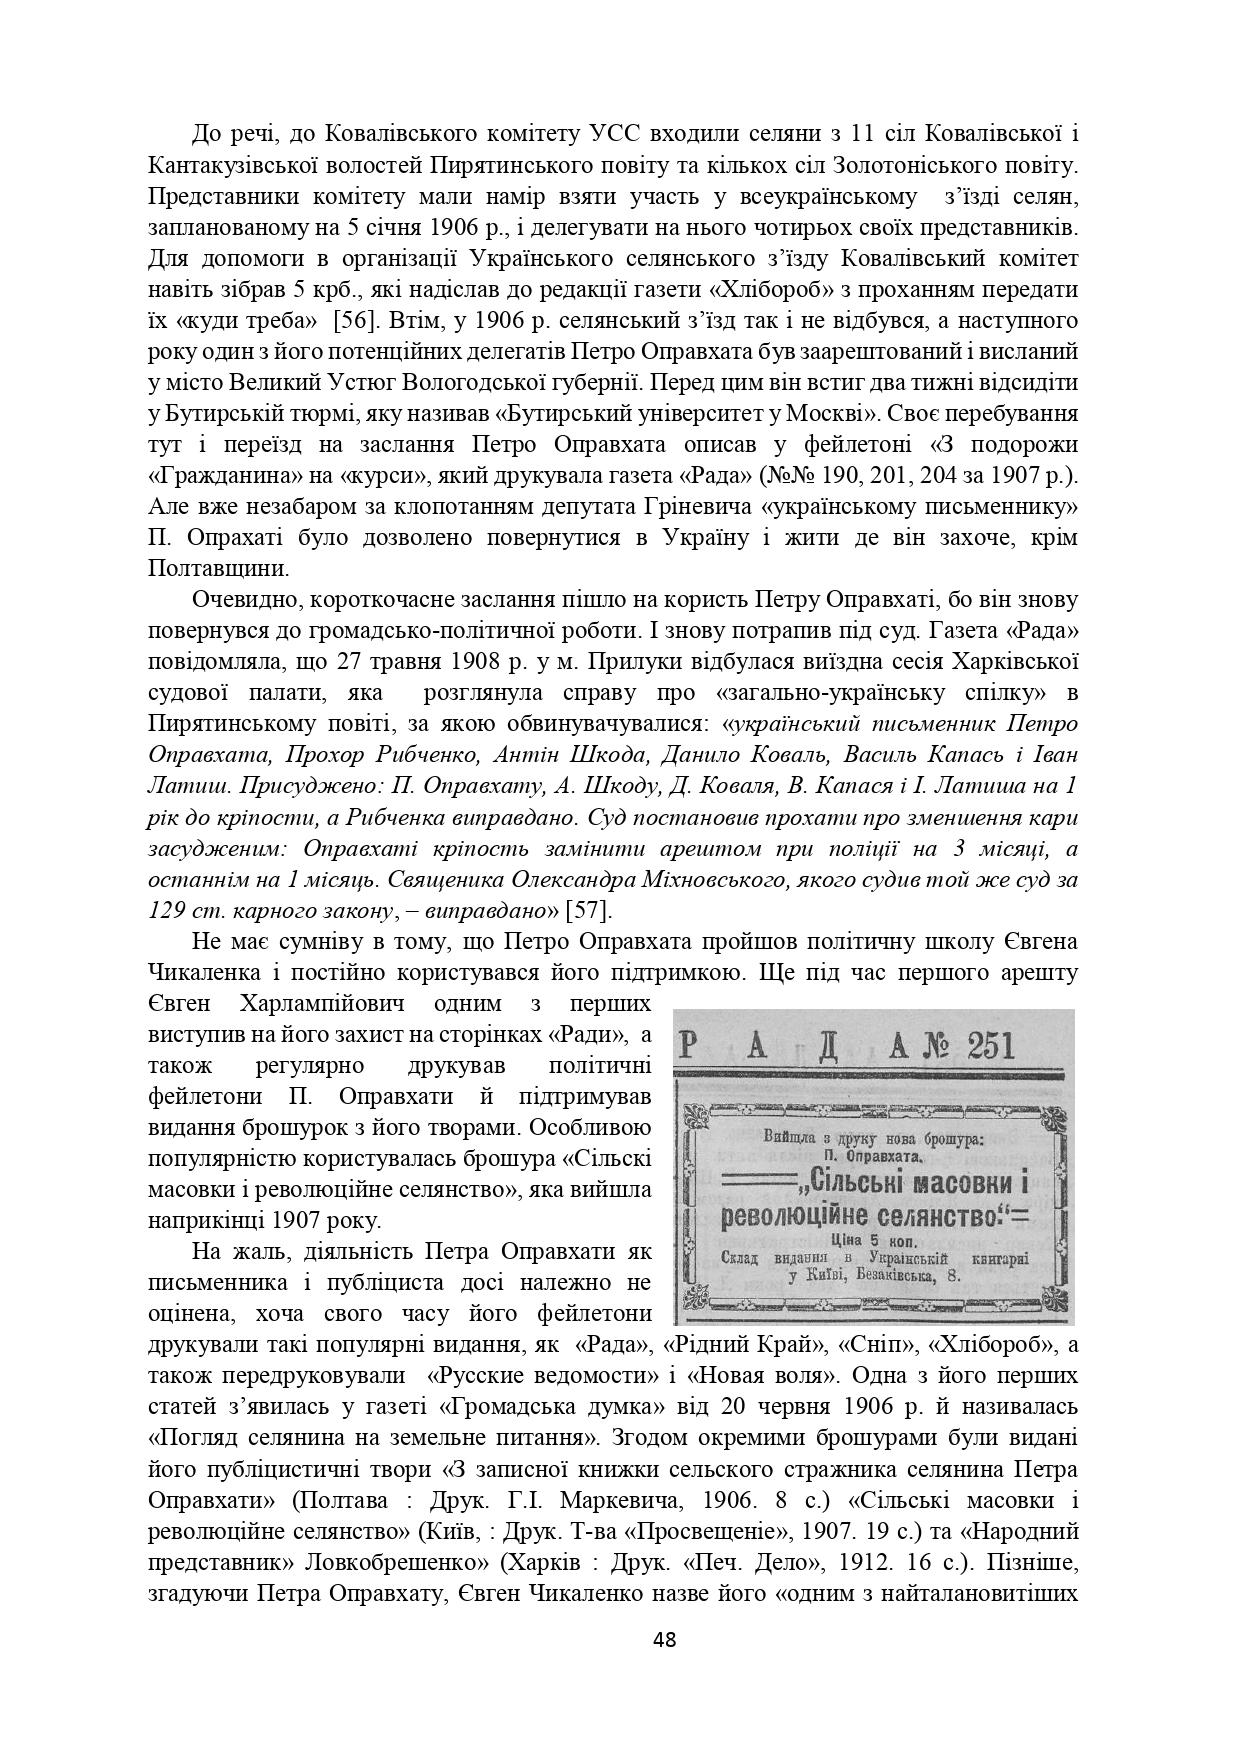 ІСТОРІЯ СЕЛА КОНОНІВКА 2021 (1)_page-0048